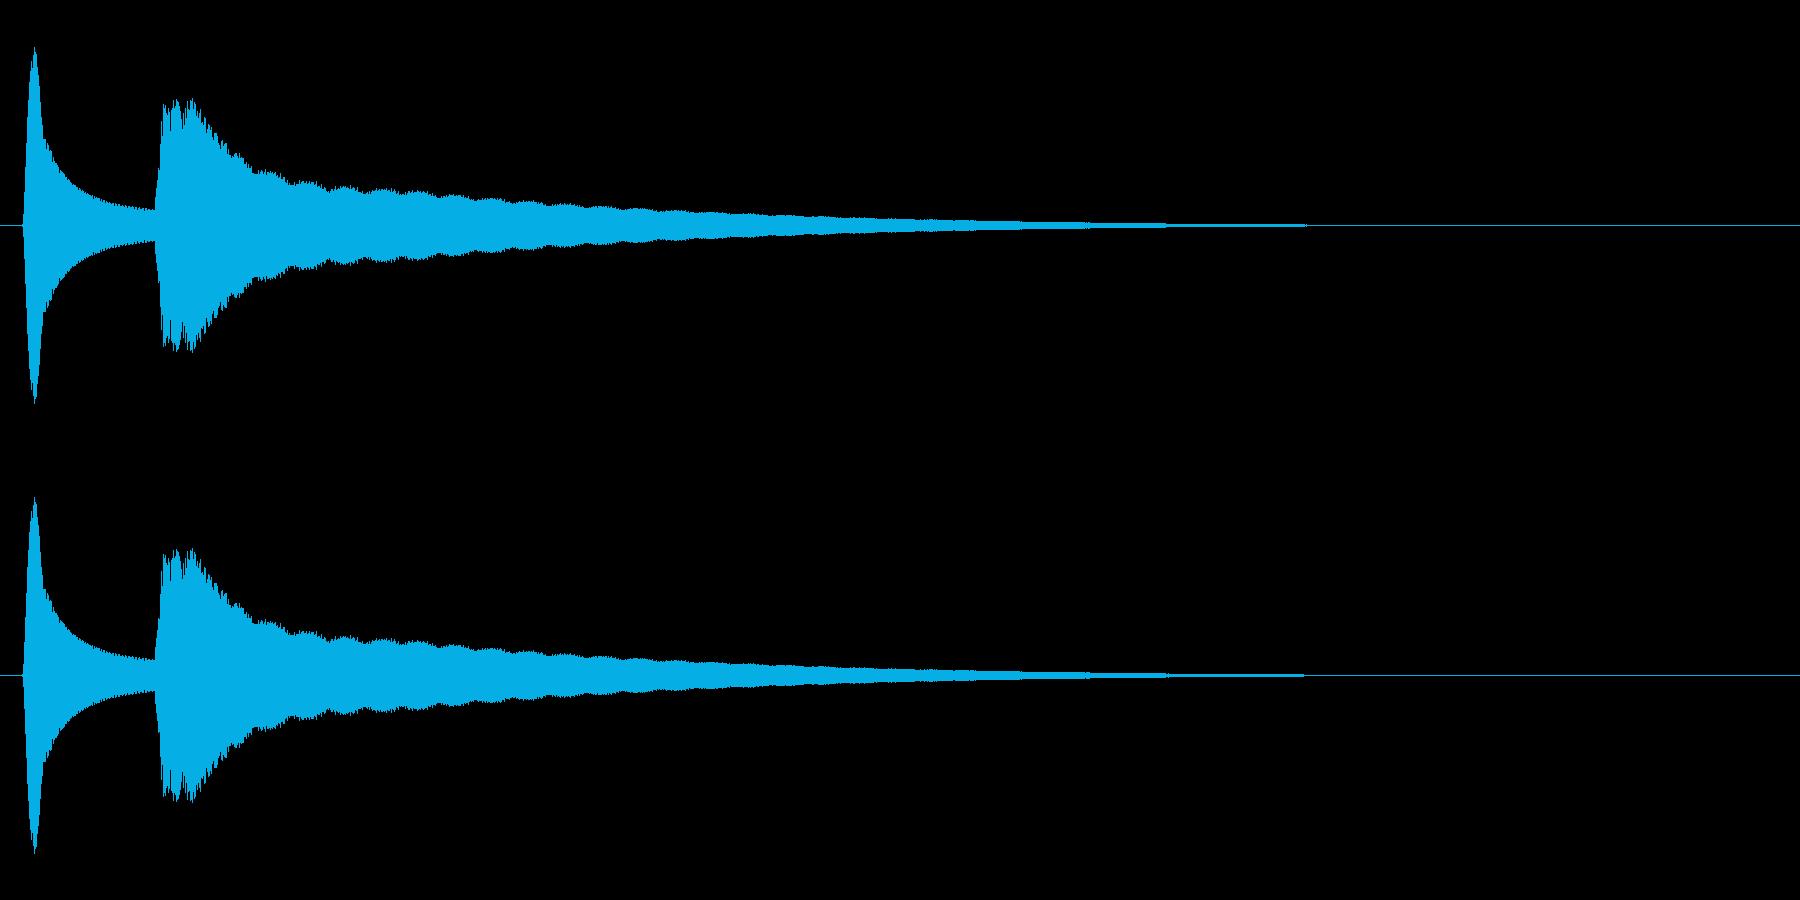 閃く(キュピーン/豆電球/発明)の再生済みの波形